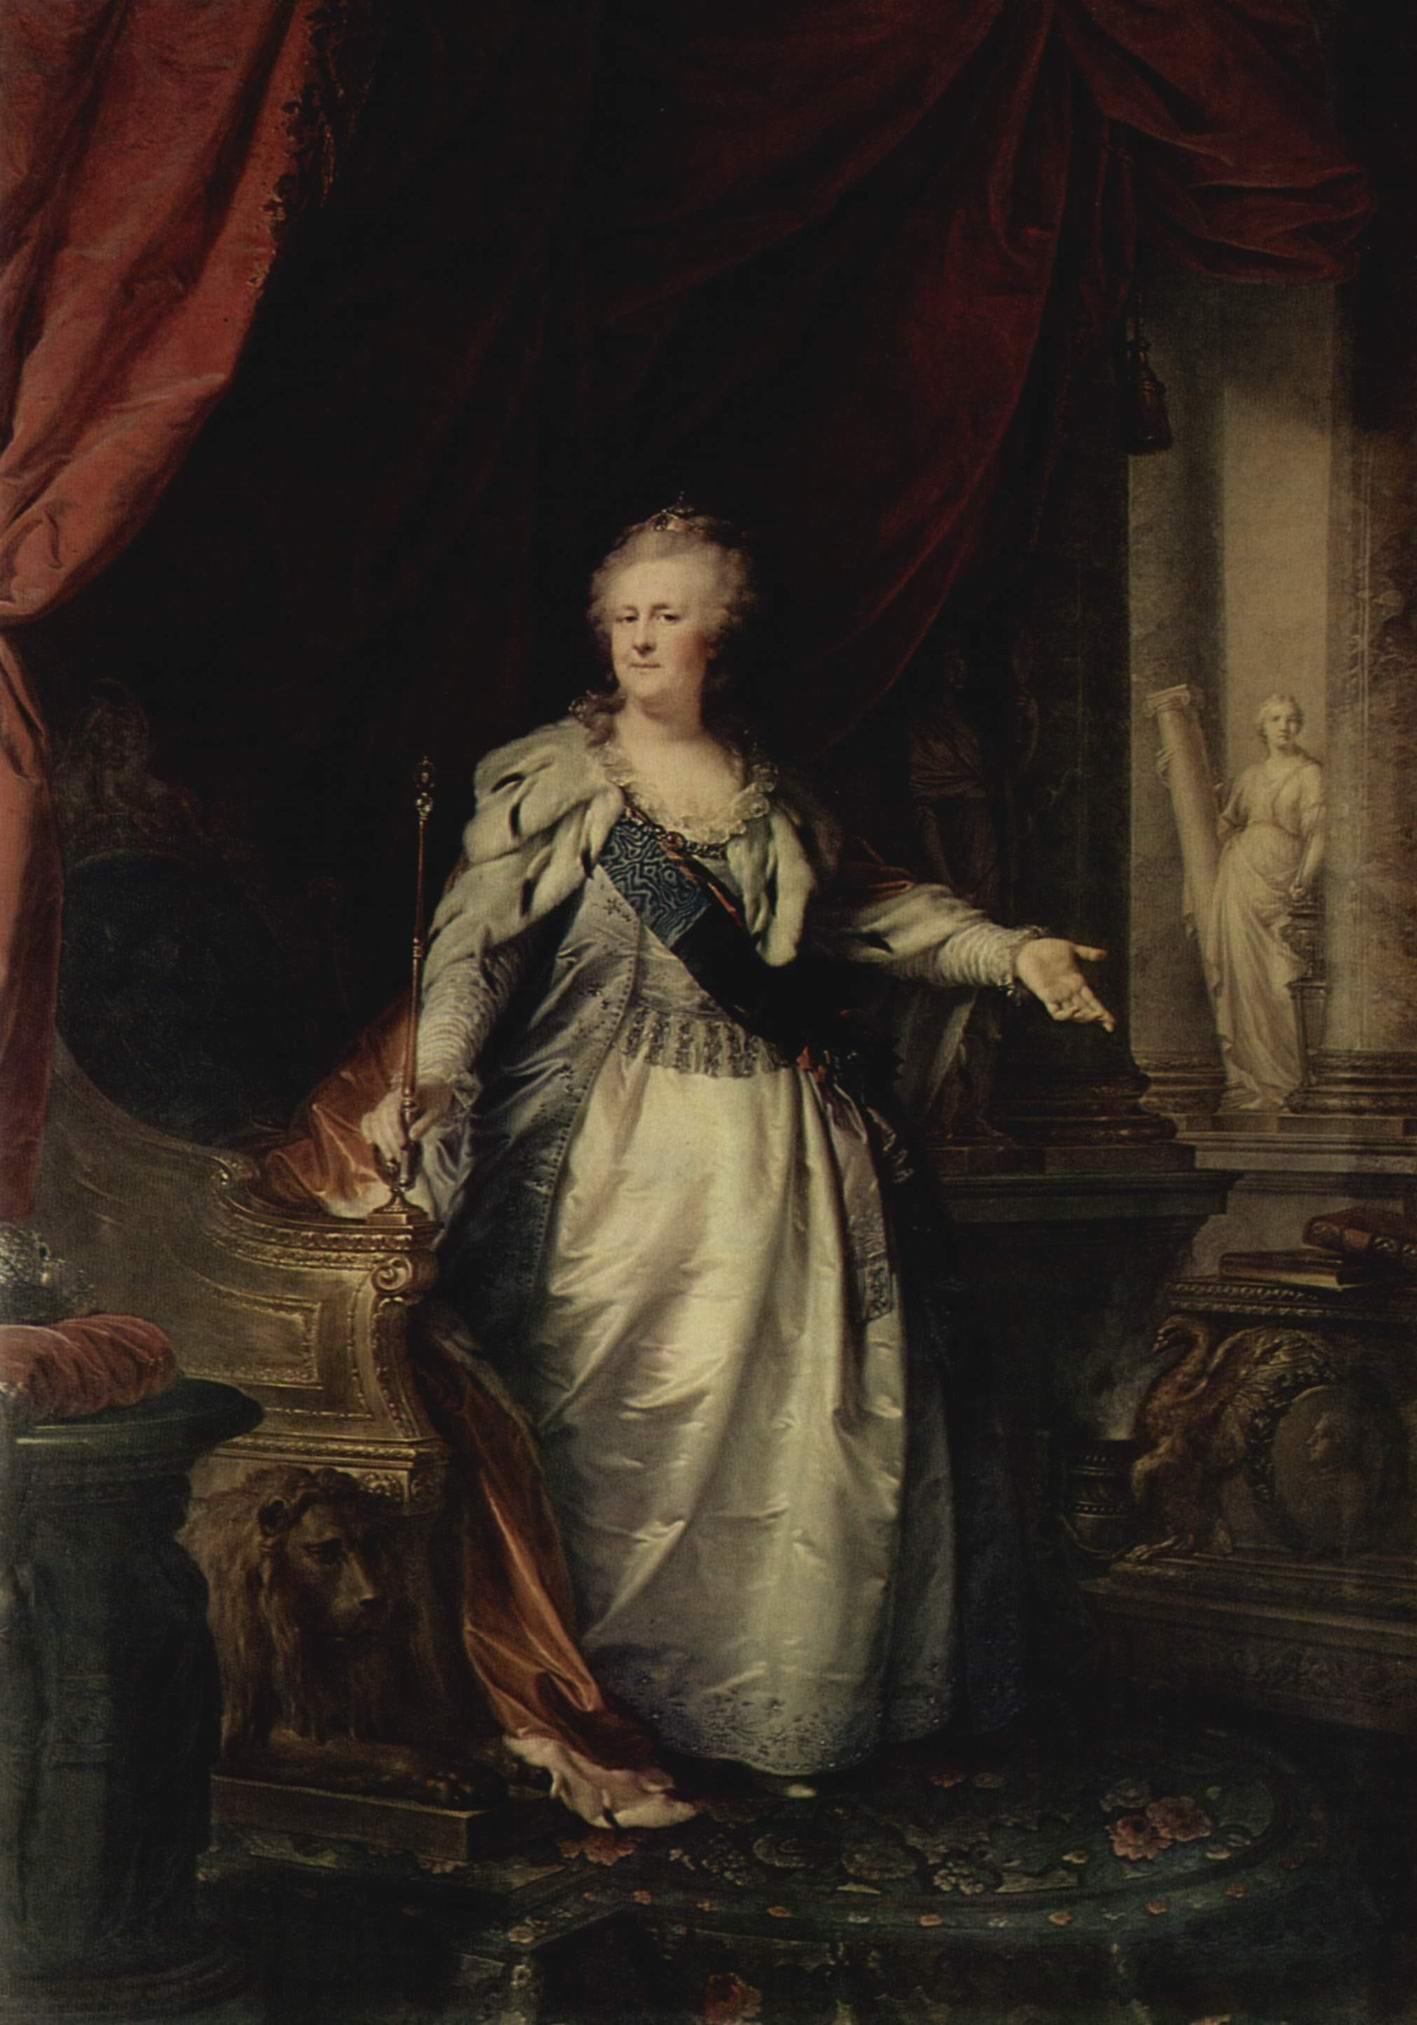 Портрет императрицы Екатерины II, Лампи Иоганн Баптист Старший